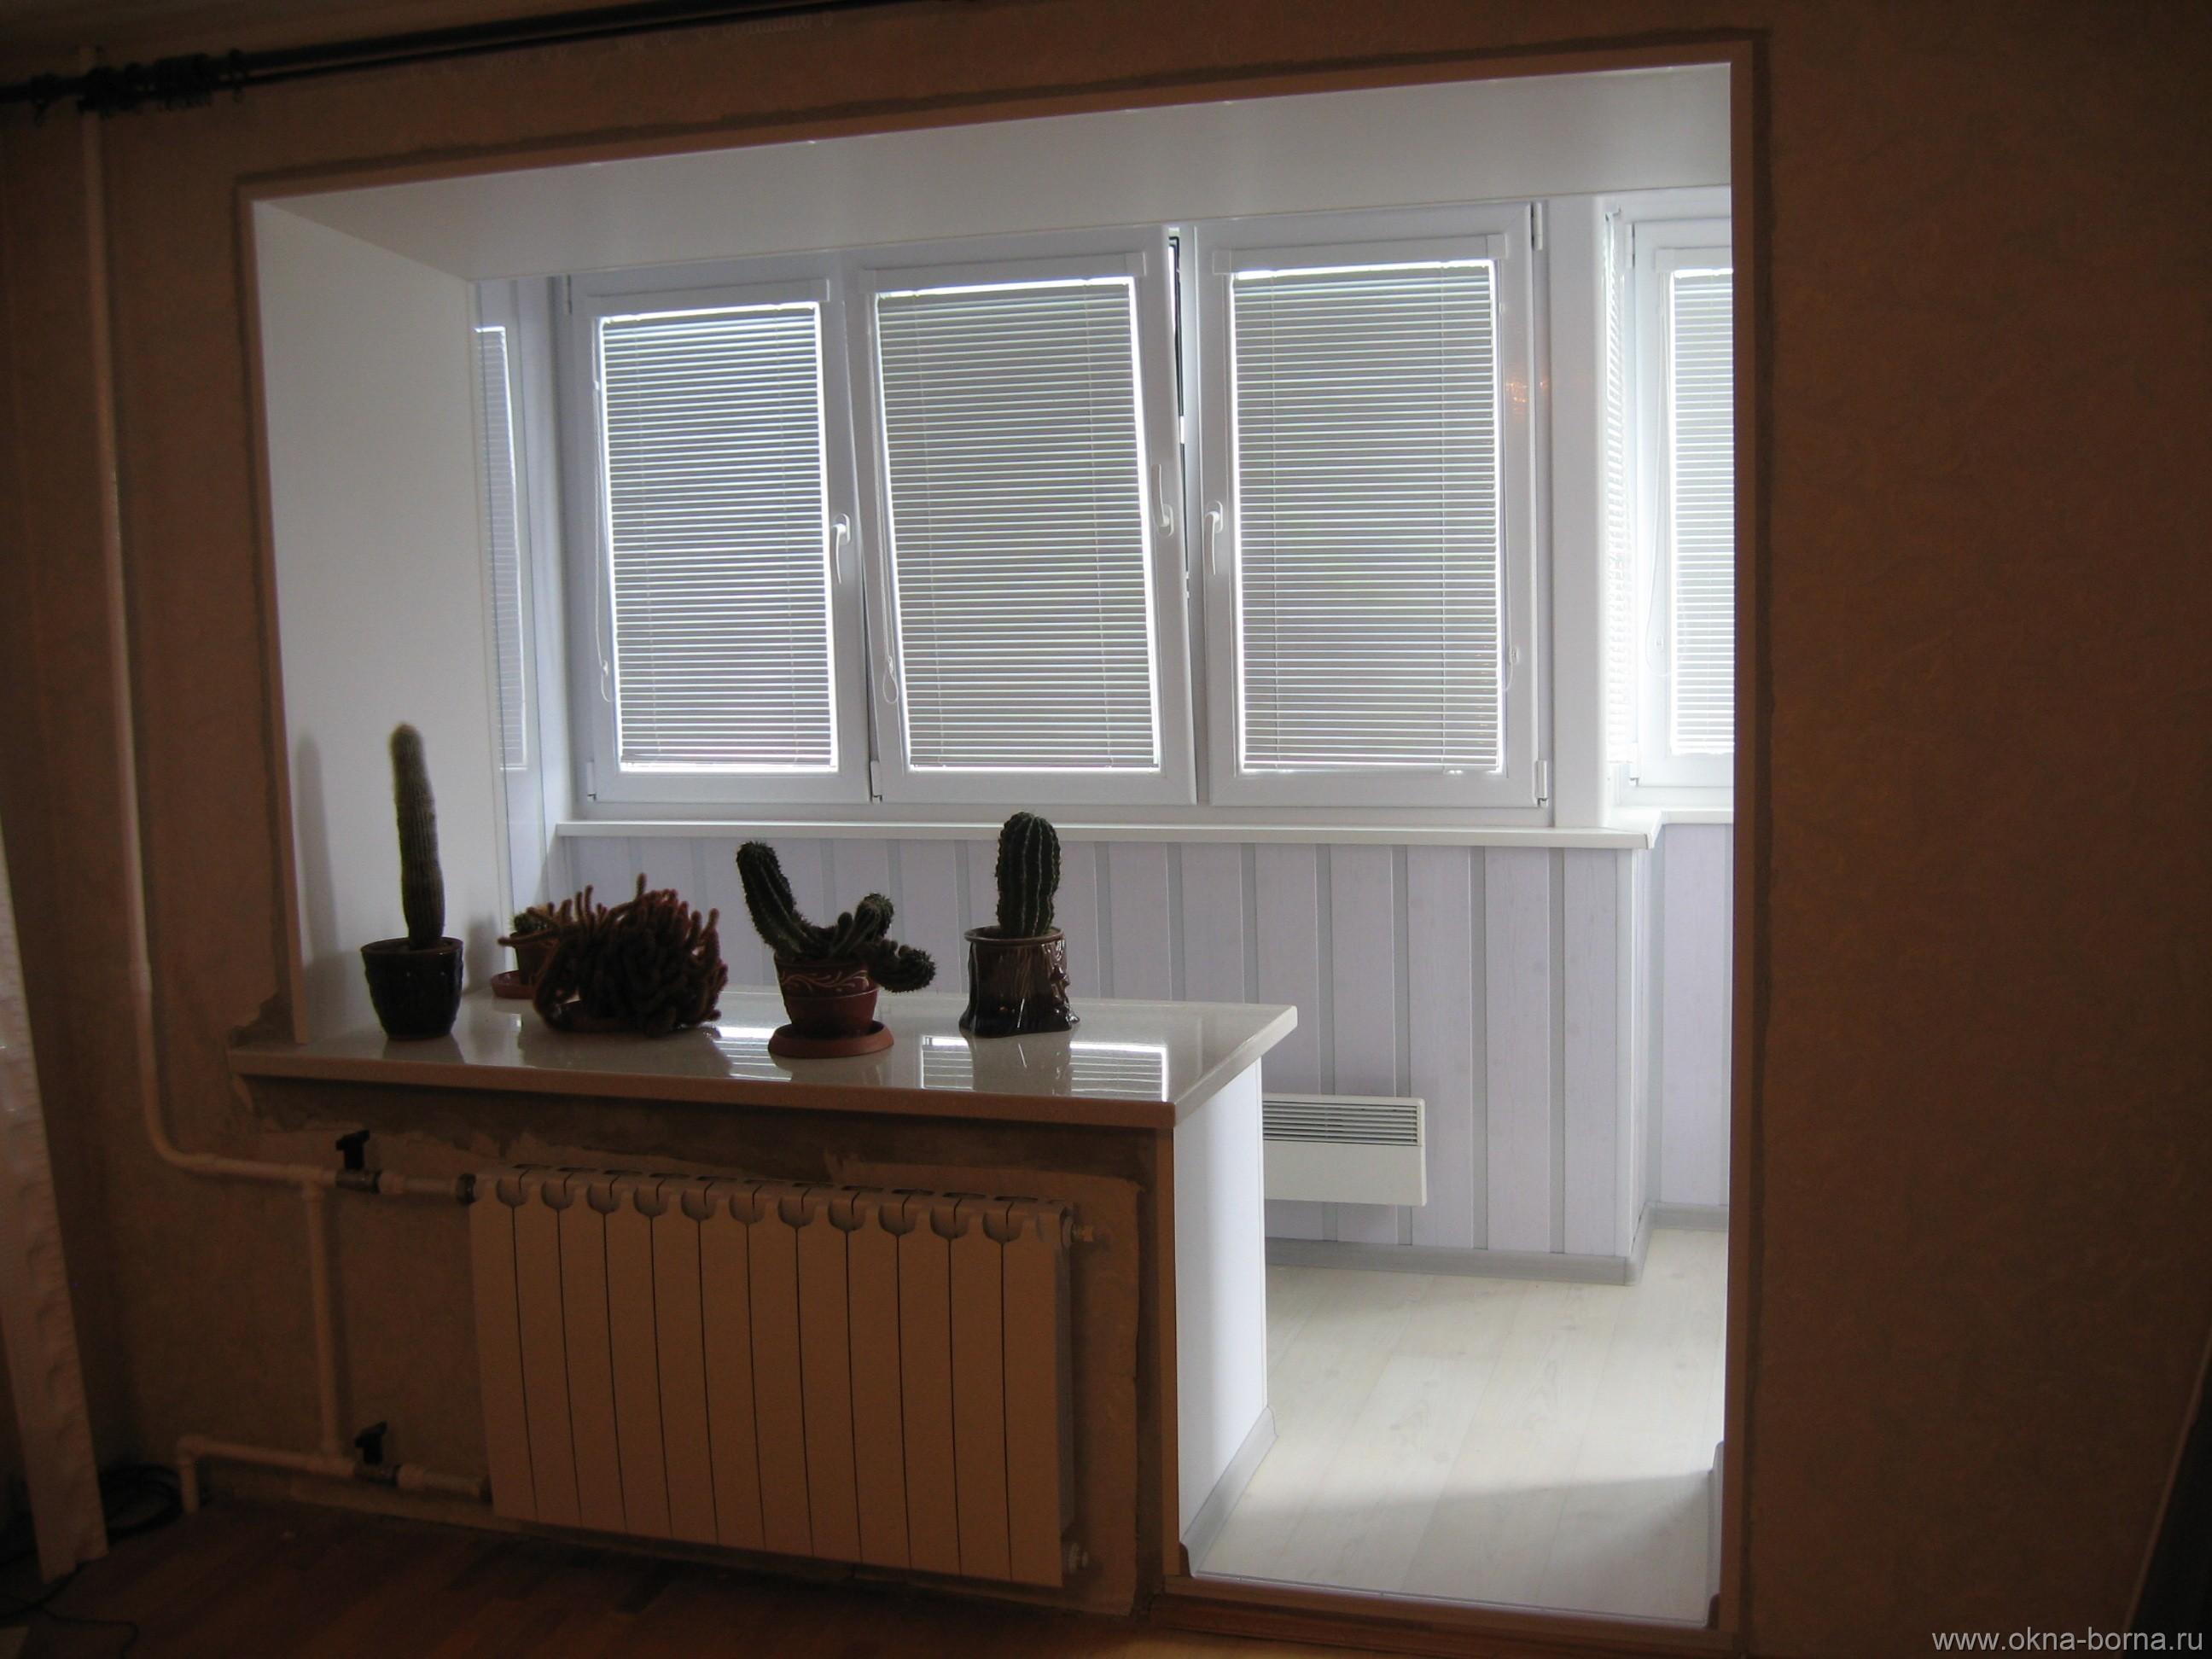 Увеличение однокомнатных квартир с демонтажем балконной пере.